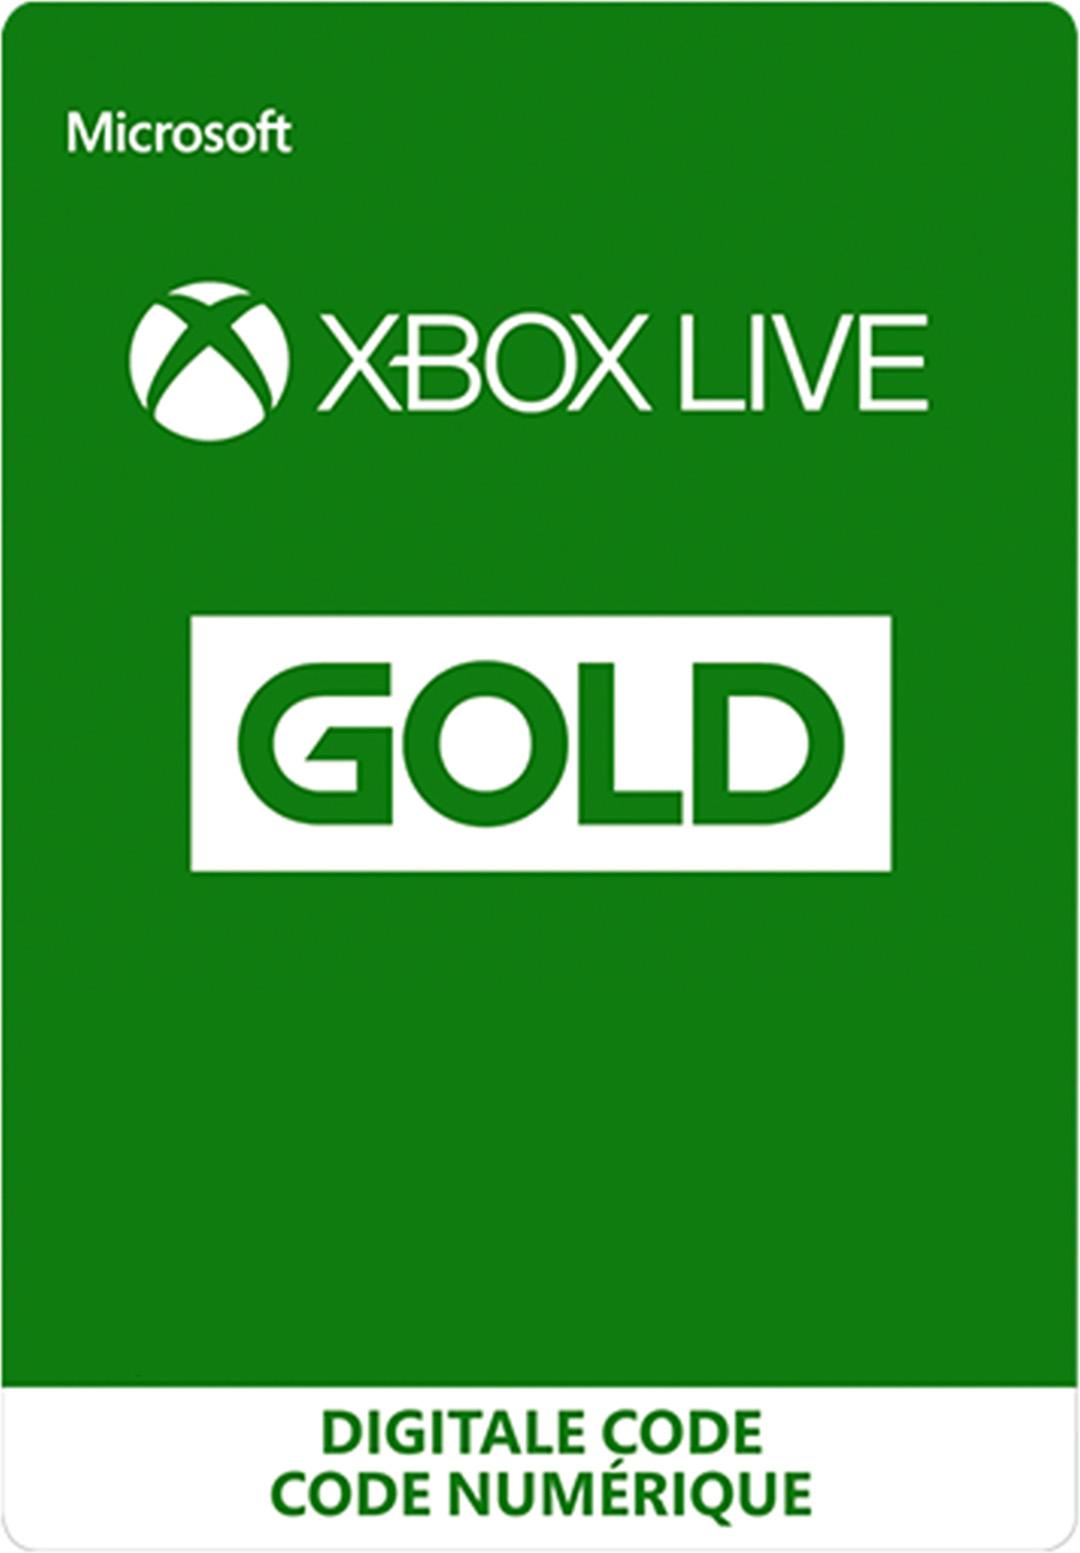 Xbox Live Gold-lidmaatschap (digitale code)